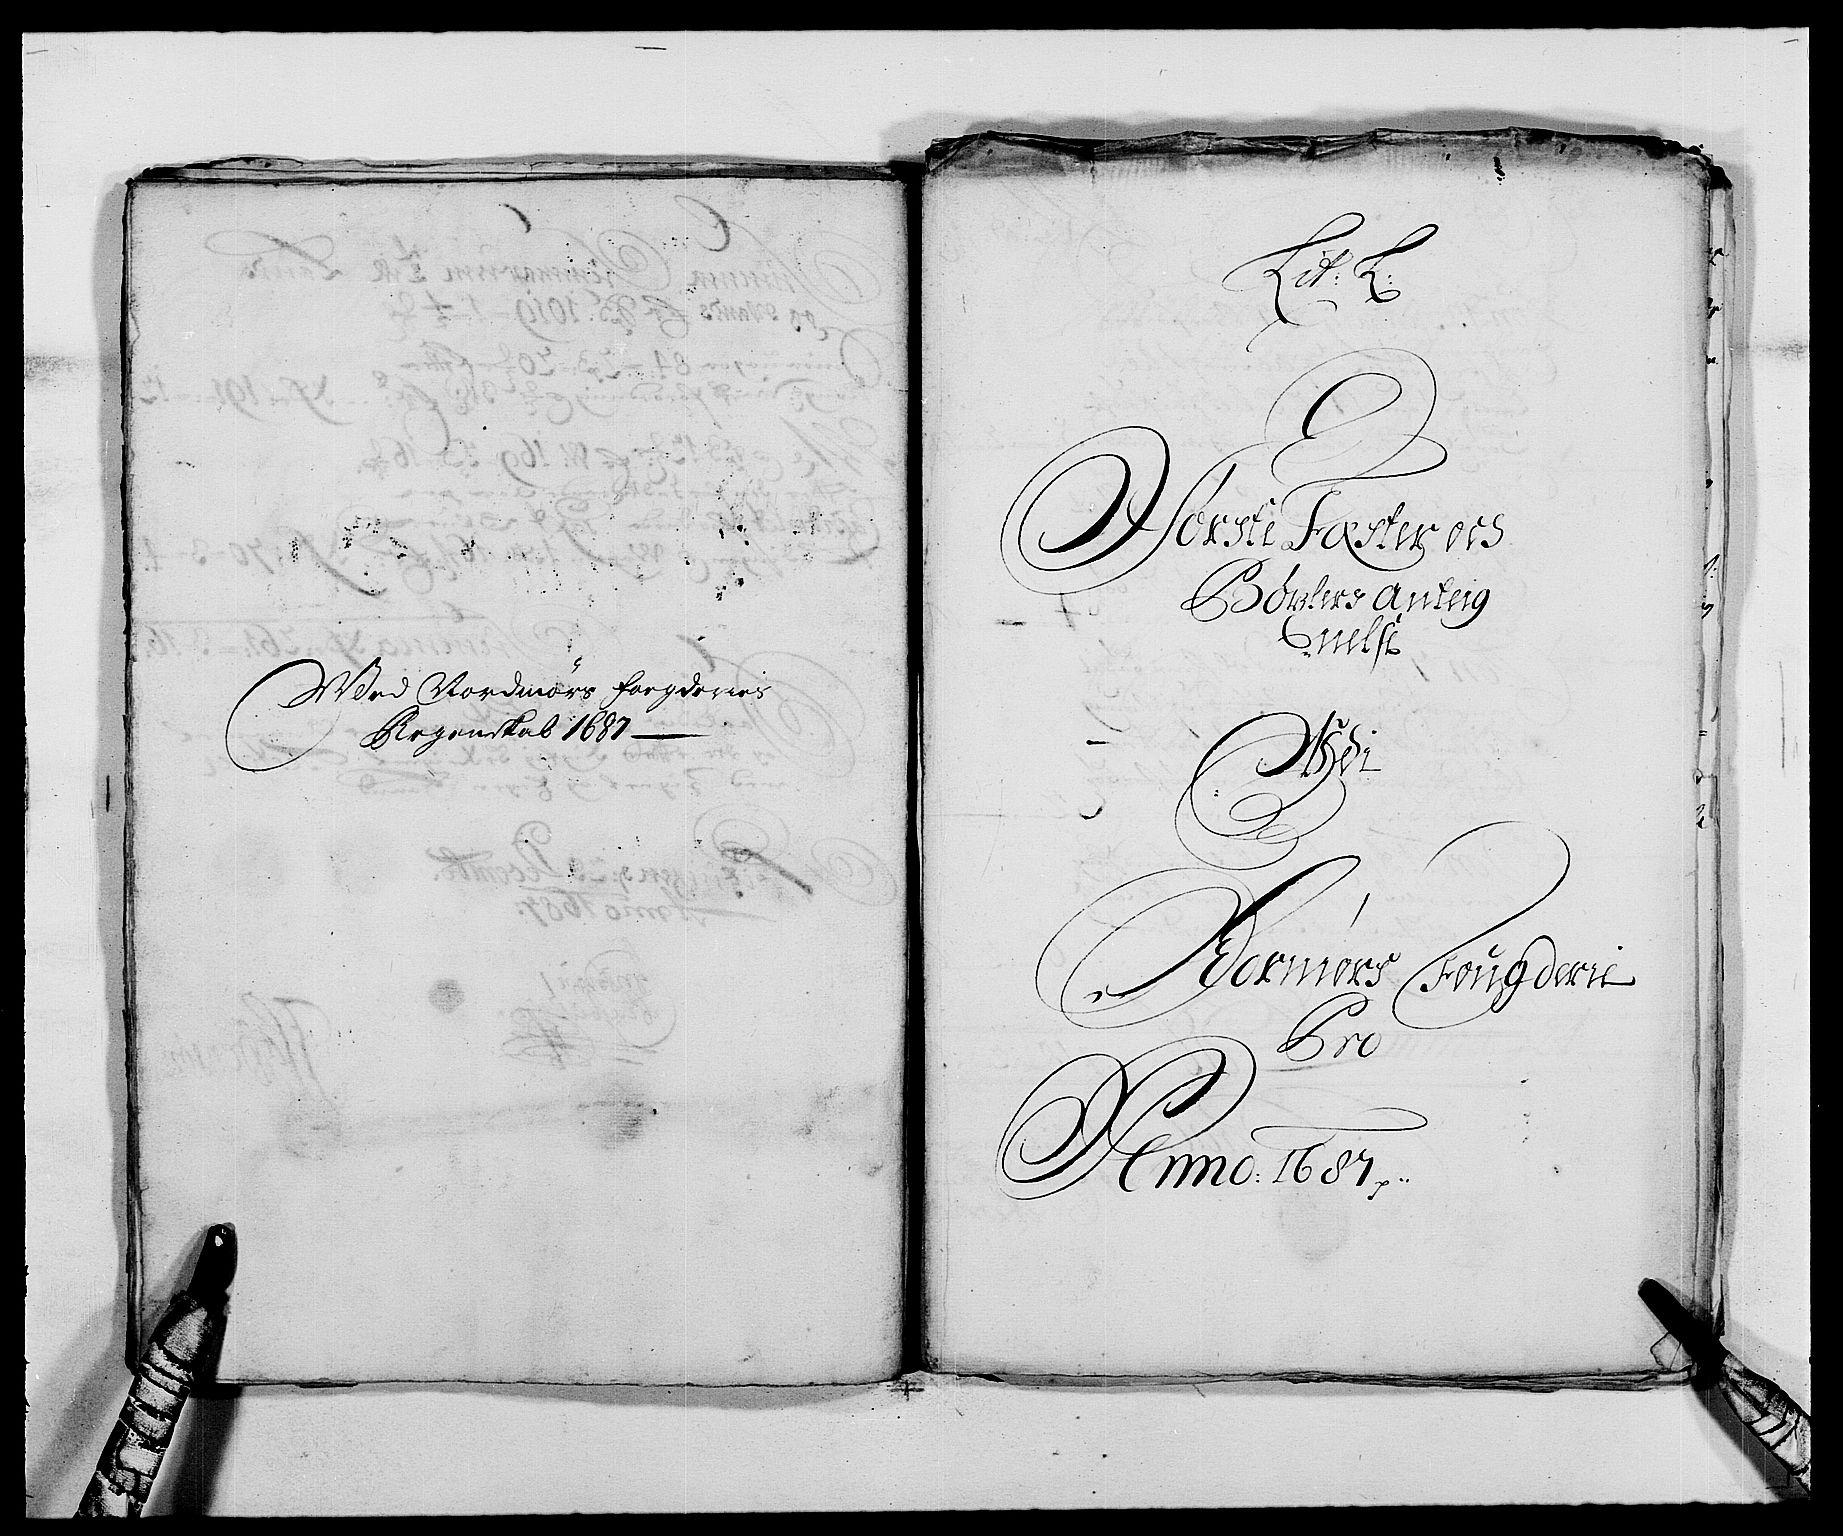 RA, Rentekammeret inntil 1814, Reviderte regnskaper, Fogderegnskap, R56/L3733: Fogderegnskap Nordmøre, 1687-1689, s. 107